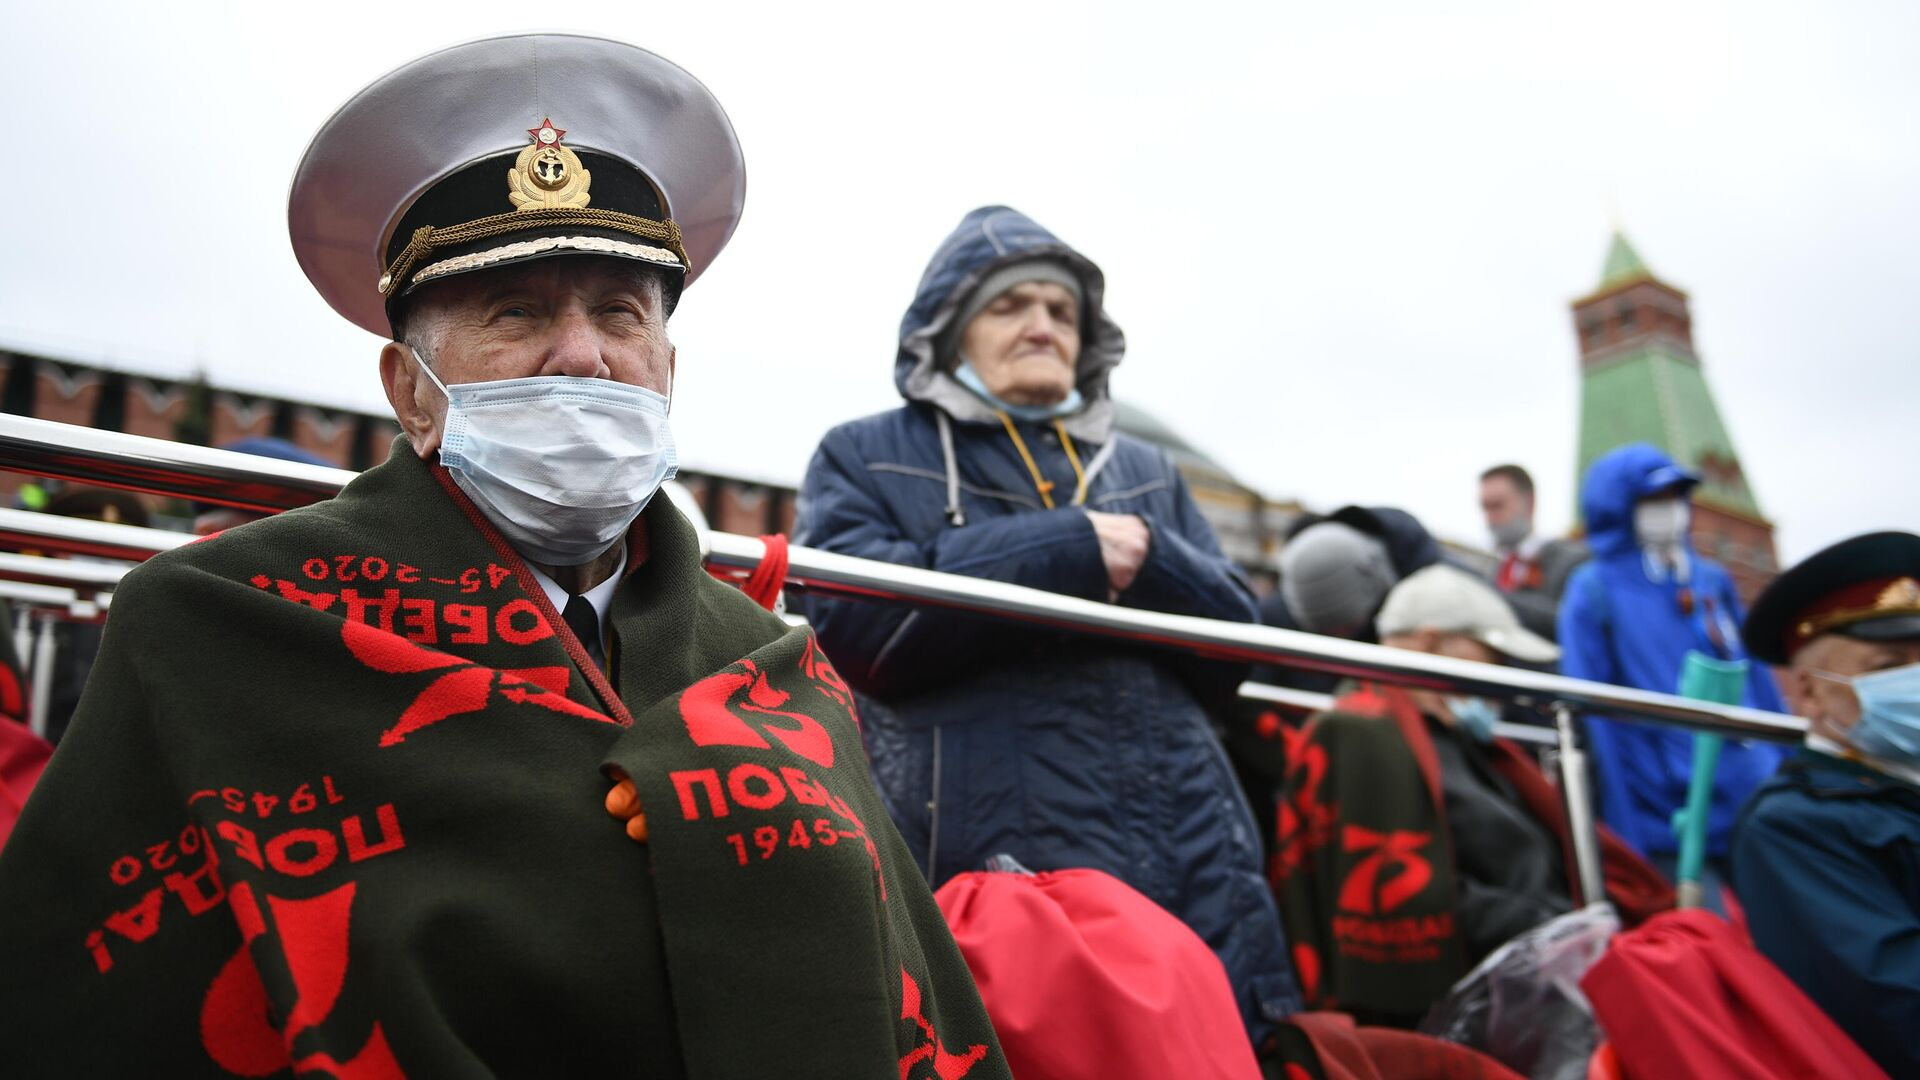 Гости на трибуне на Красной площади перед началом военного парада в честь 76-й годовщины Победы в Великой Отечественной войне в Москве - РИА Новости, 1920, 09.05.2021